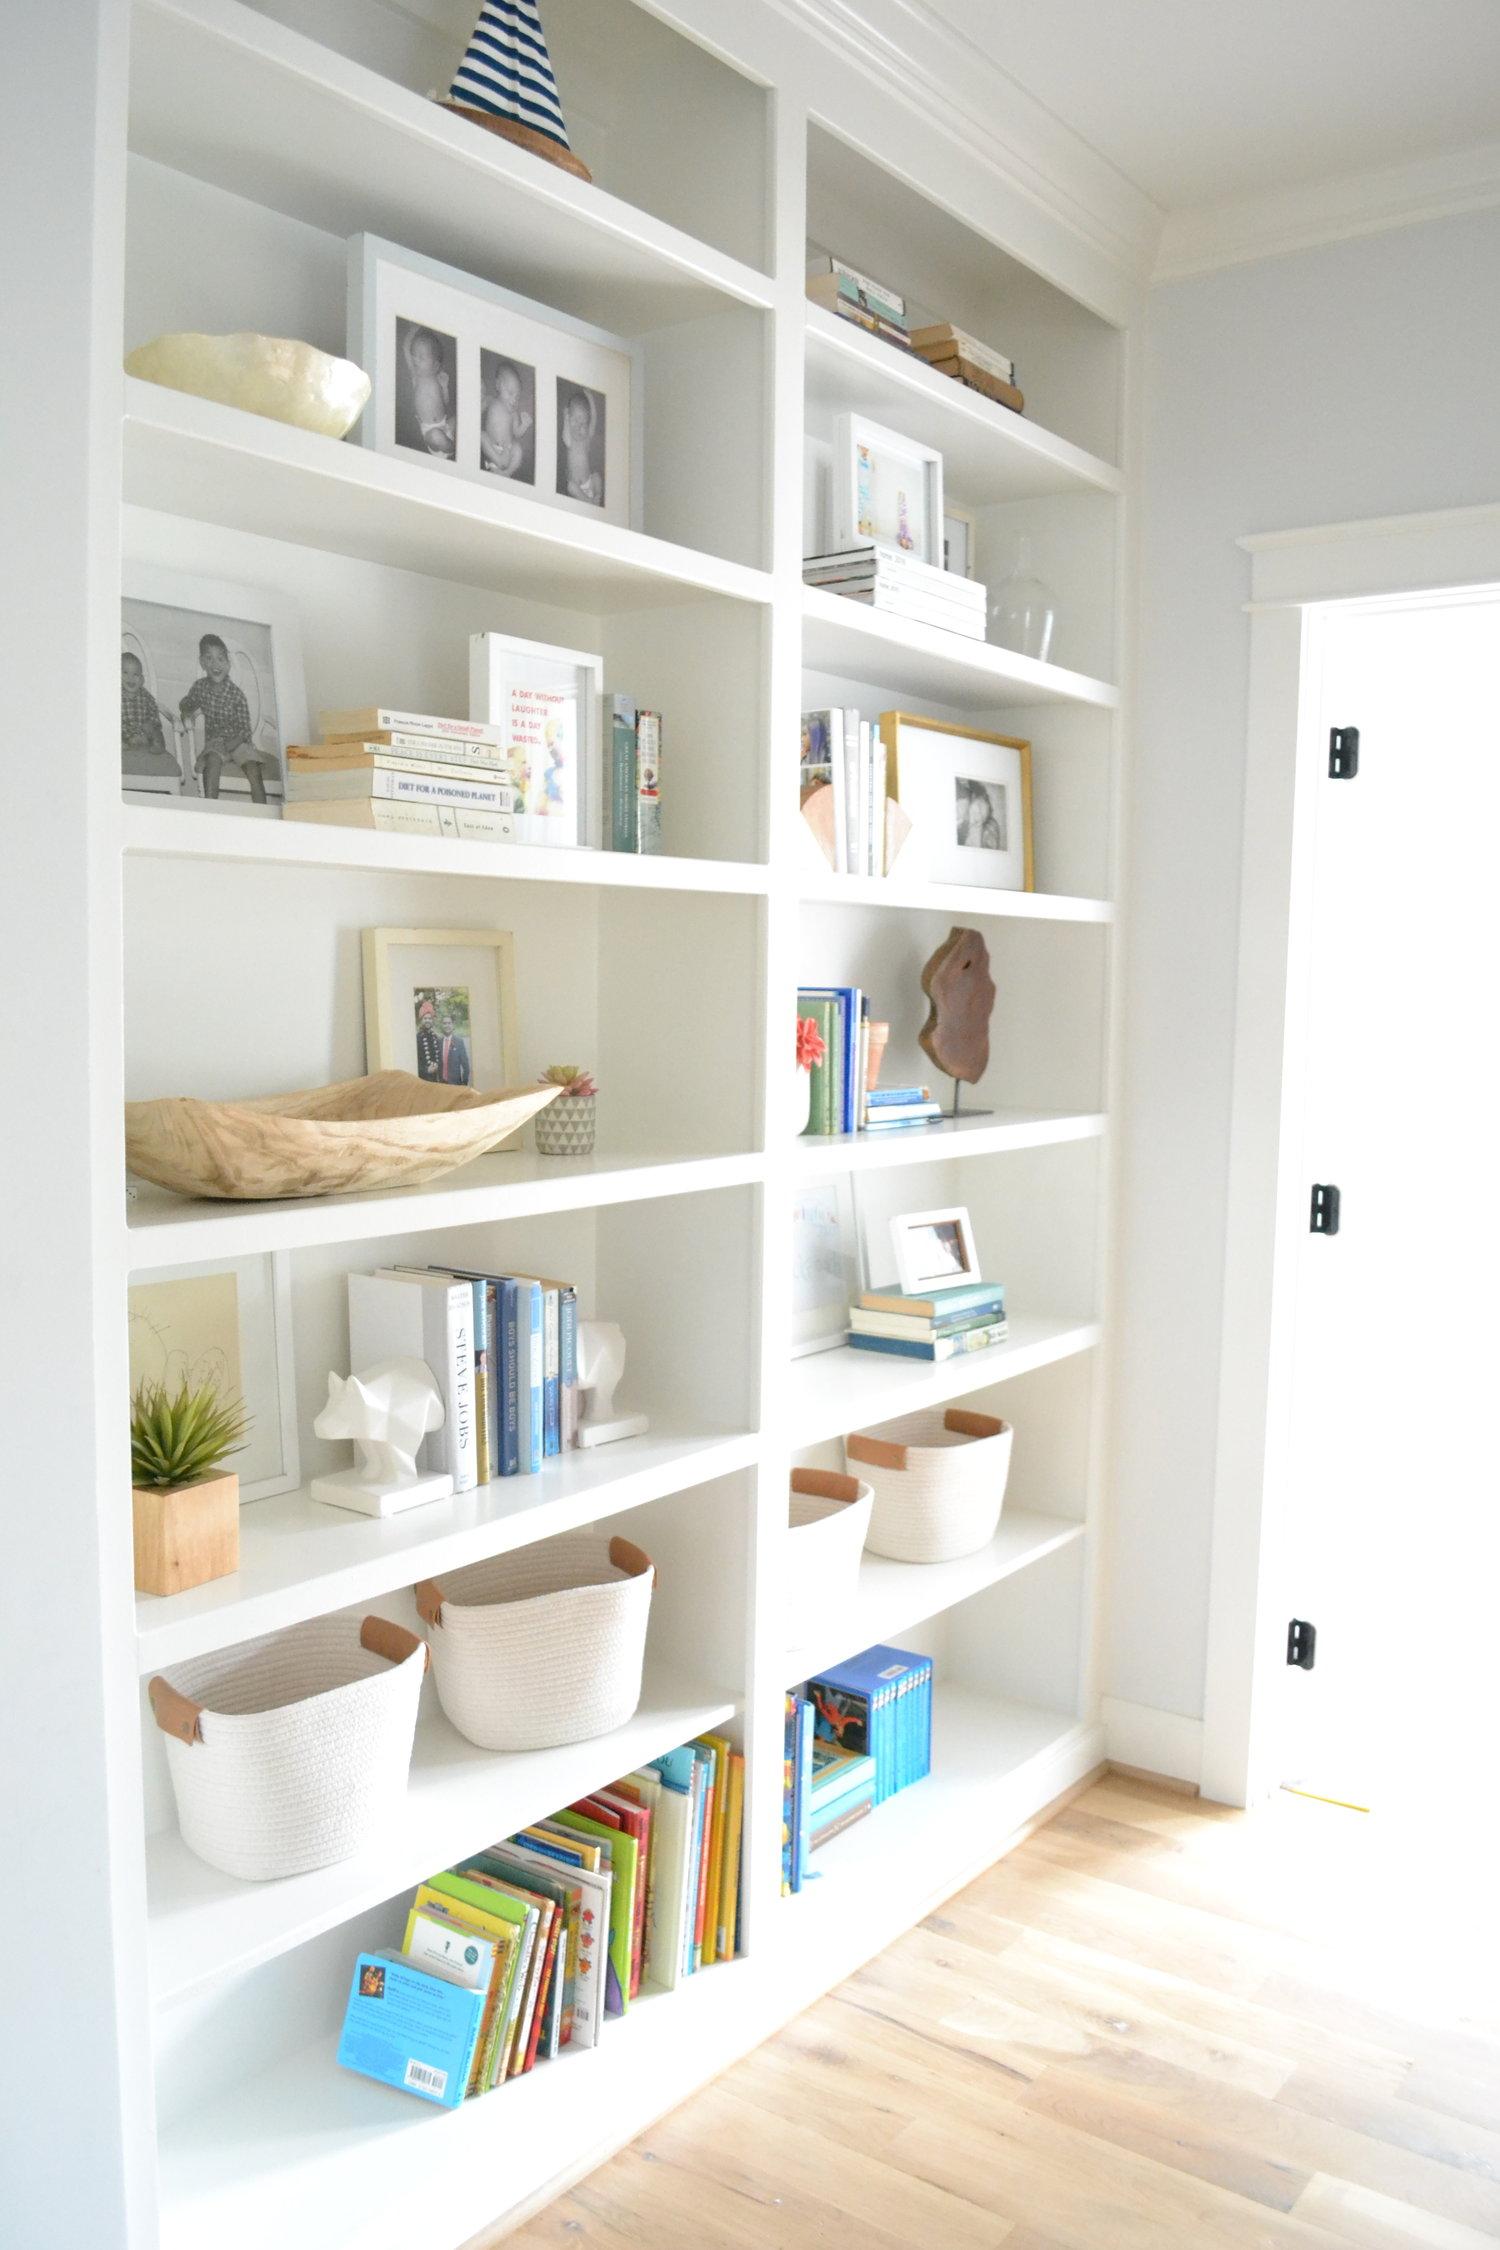 Hallway Bookshelves: An Update